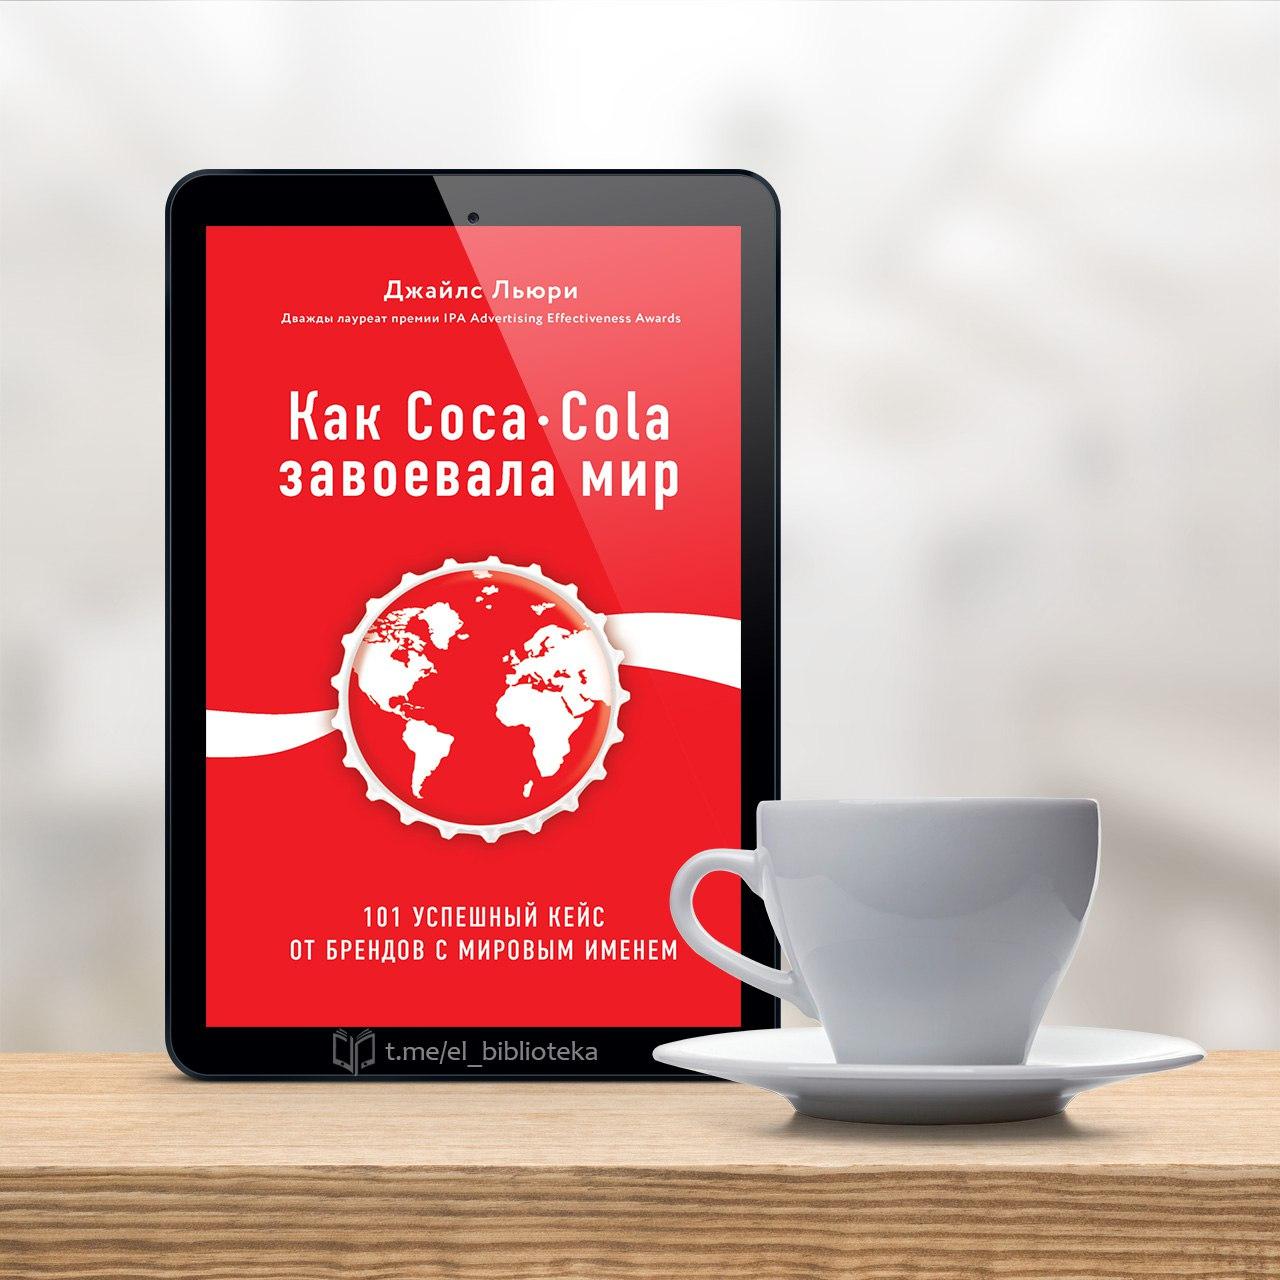  Как Coca-Cola завоевала мир. 101 успешный кейс от брендов с мировым именем...